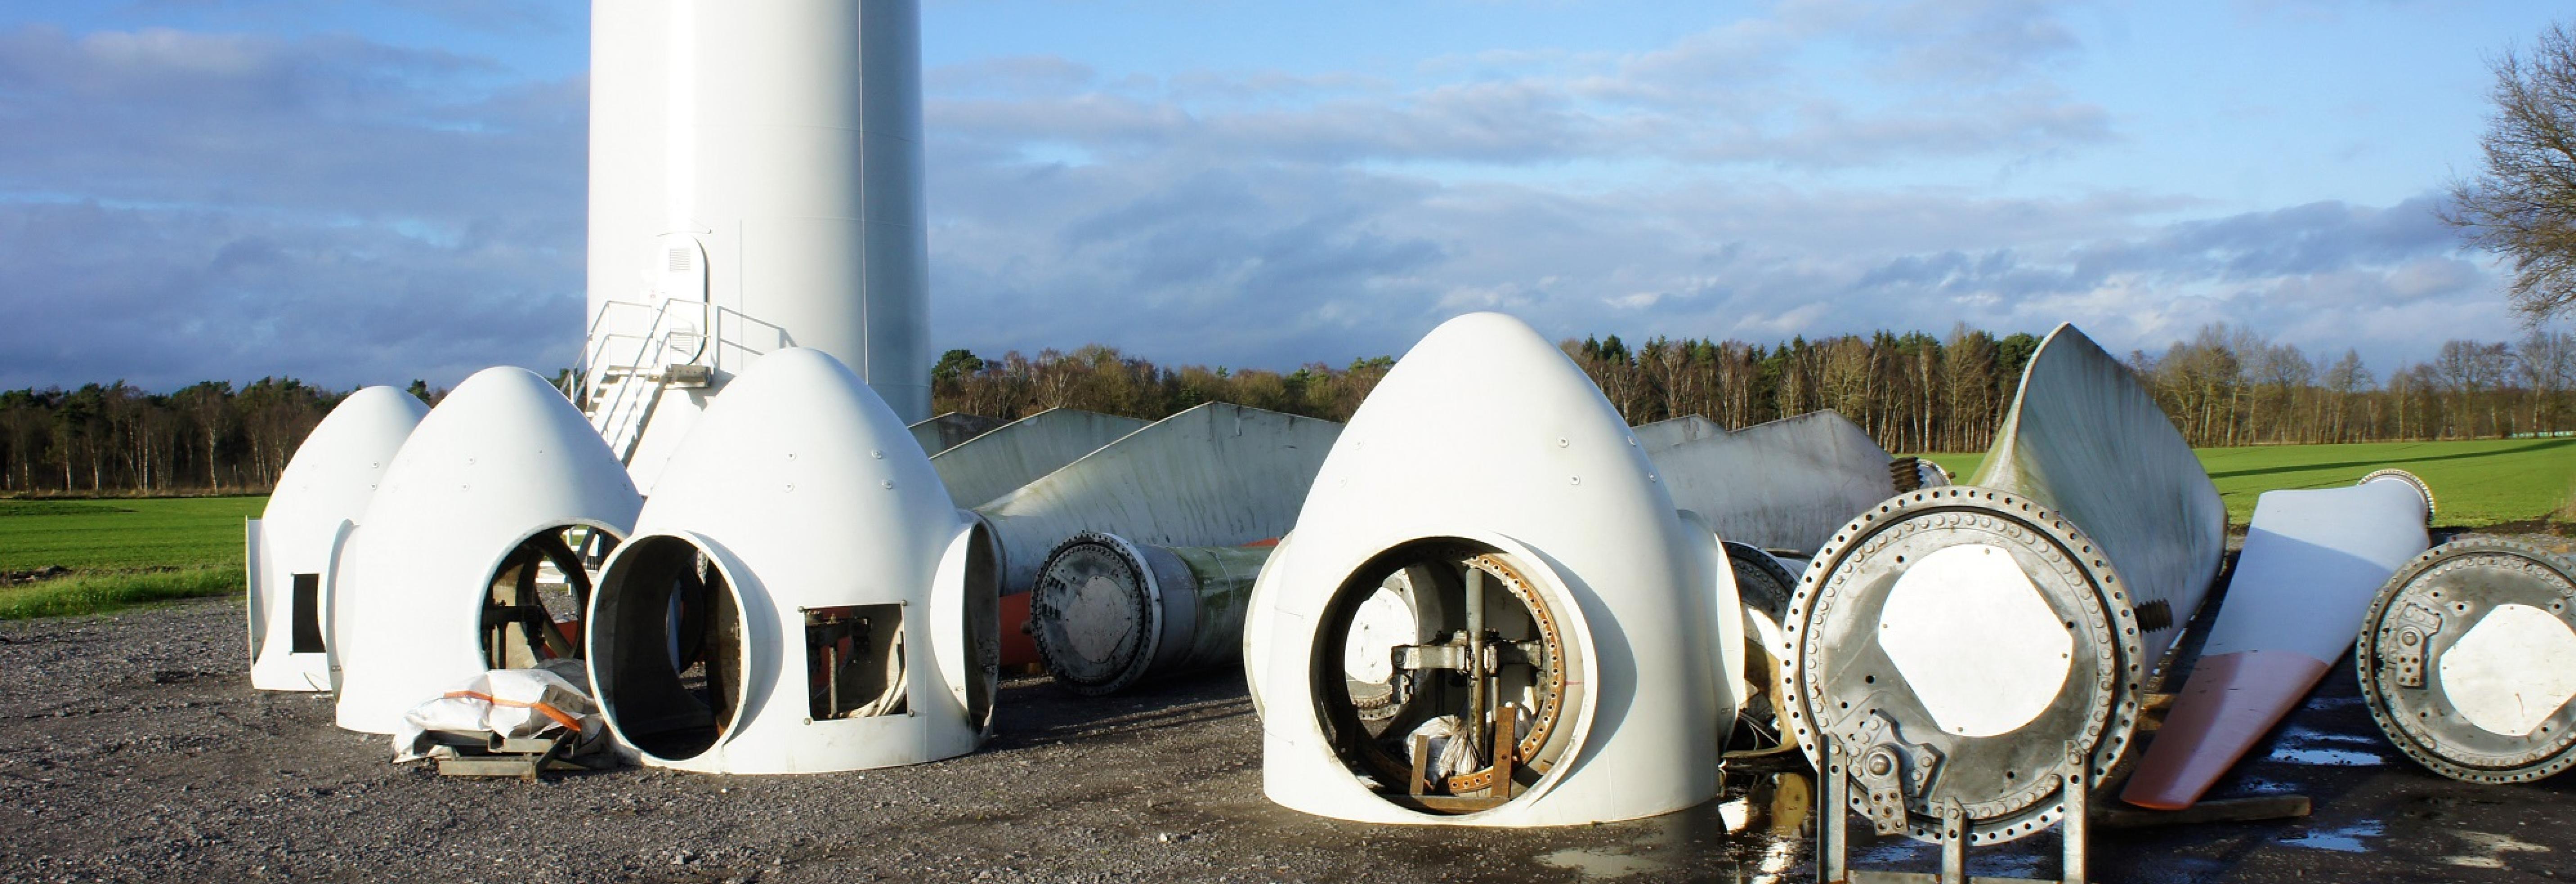 Rückbau, Verwertung und Recycling von WEA